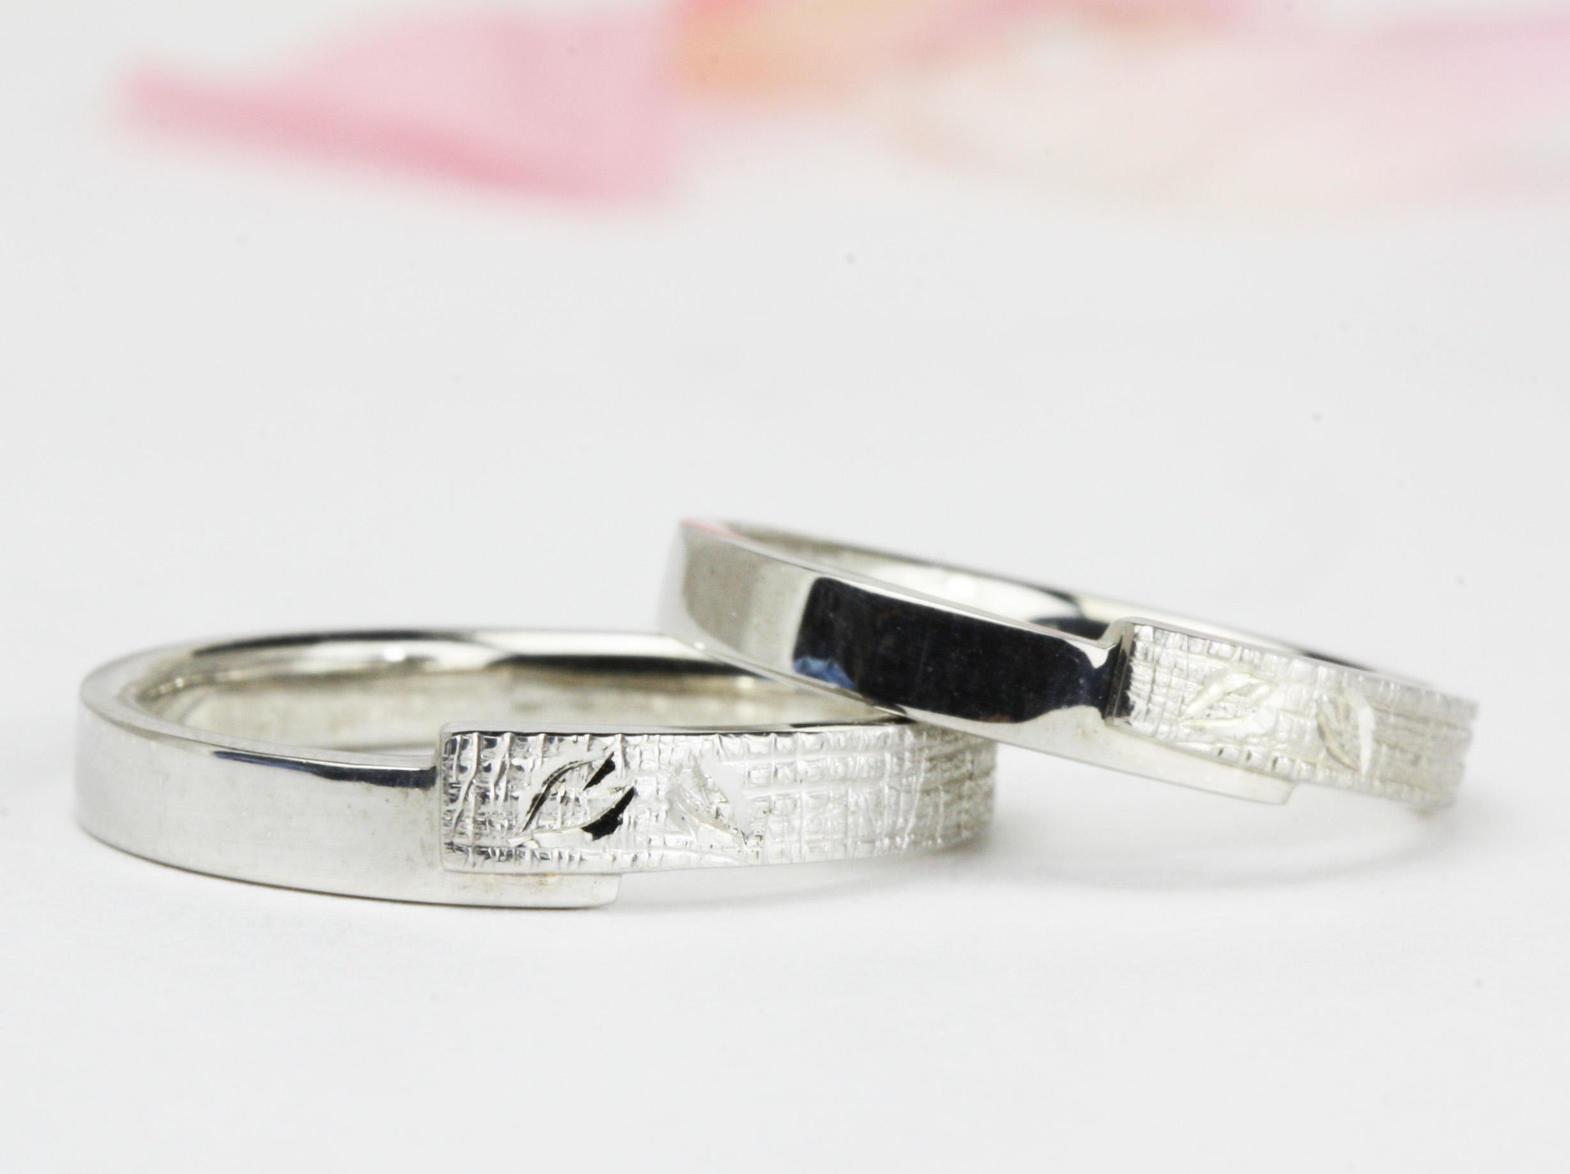 世界遺産「結城紬」の結婚指輪